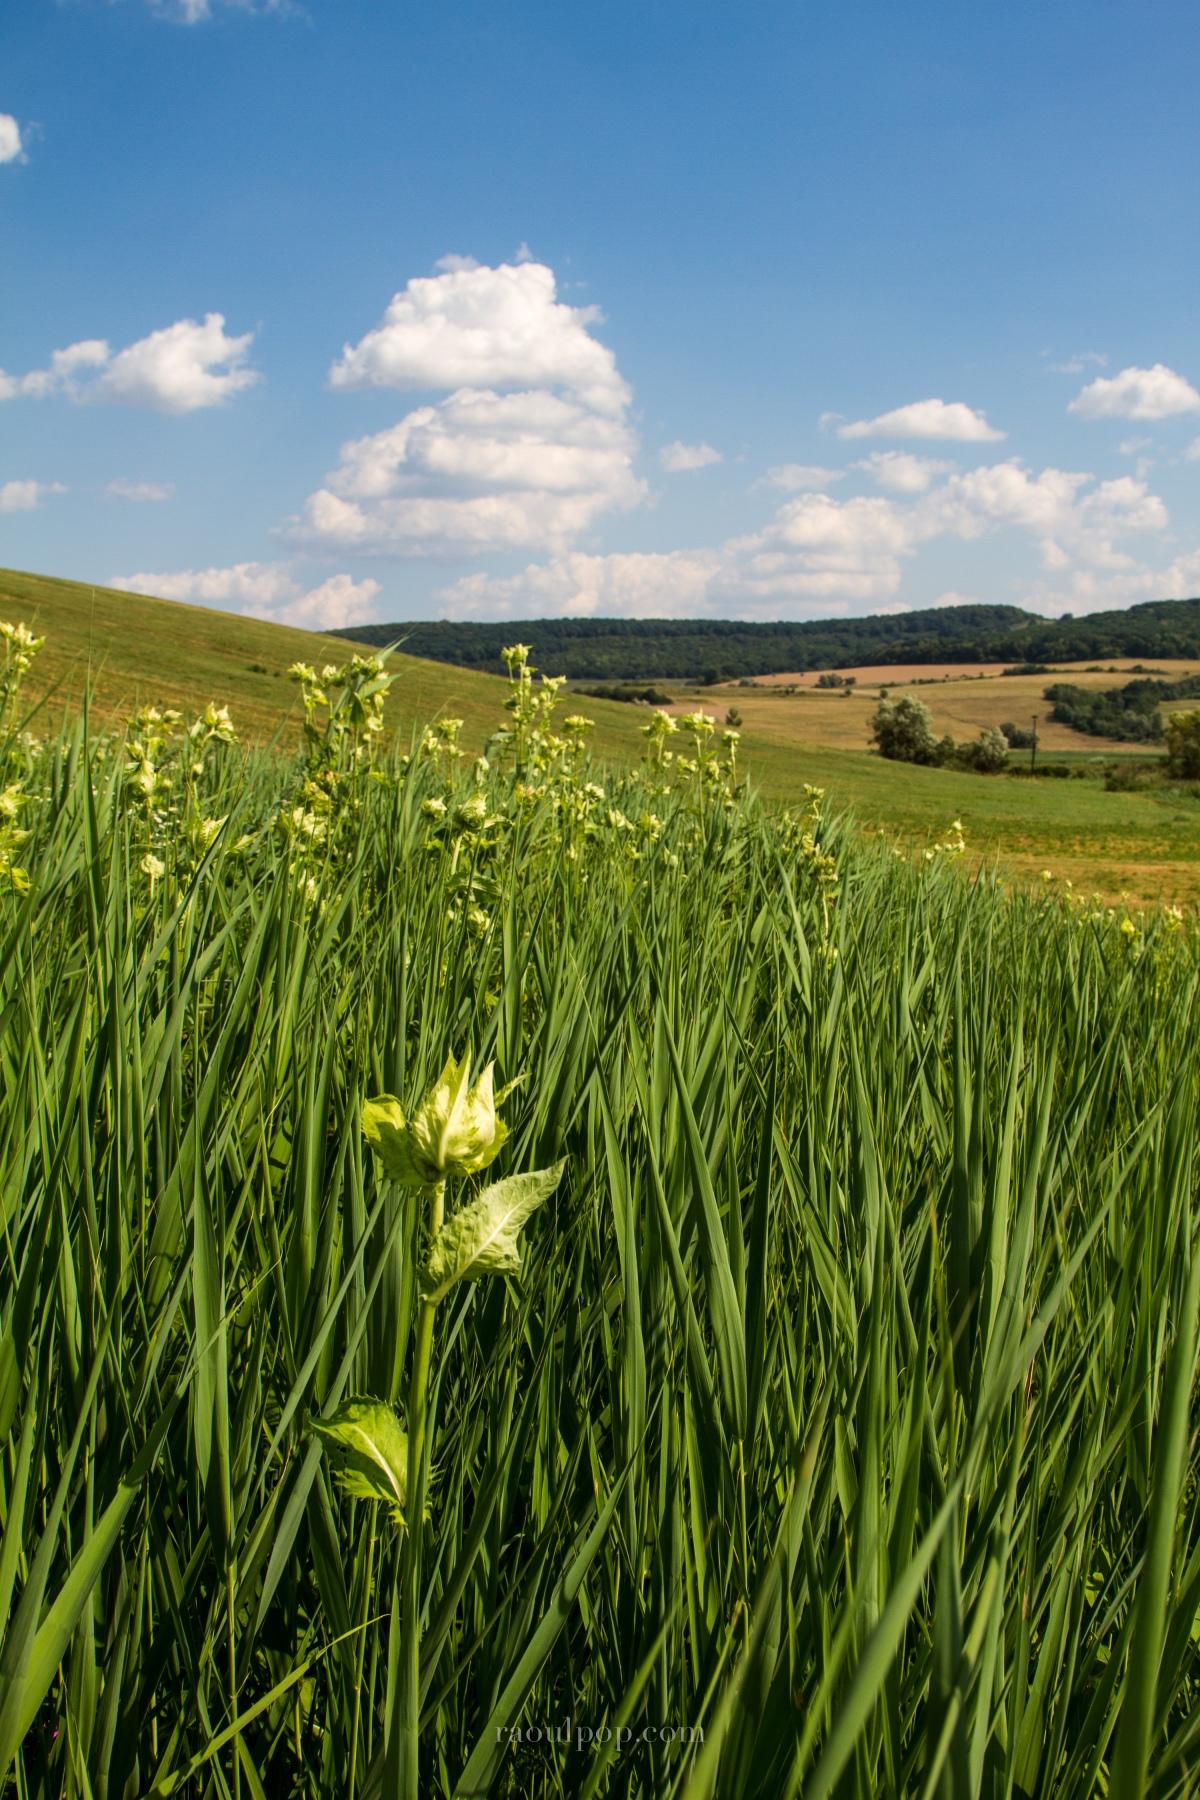 Panoramas from SouthernTransilvania